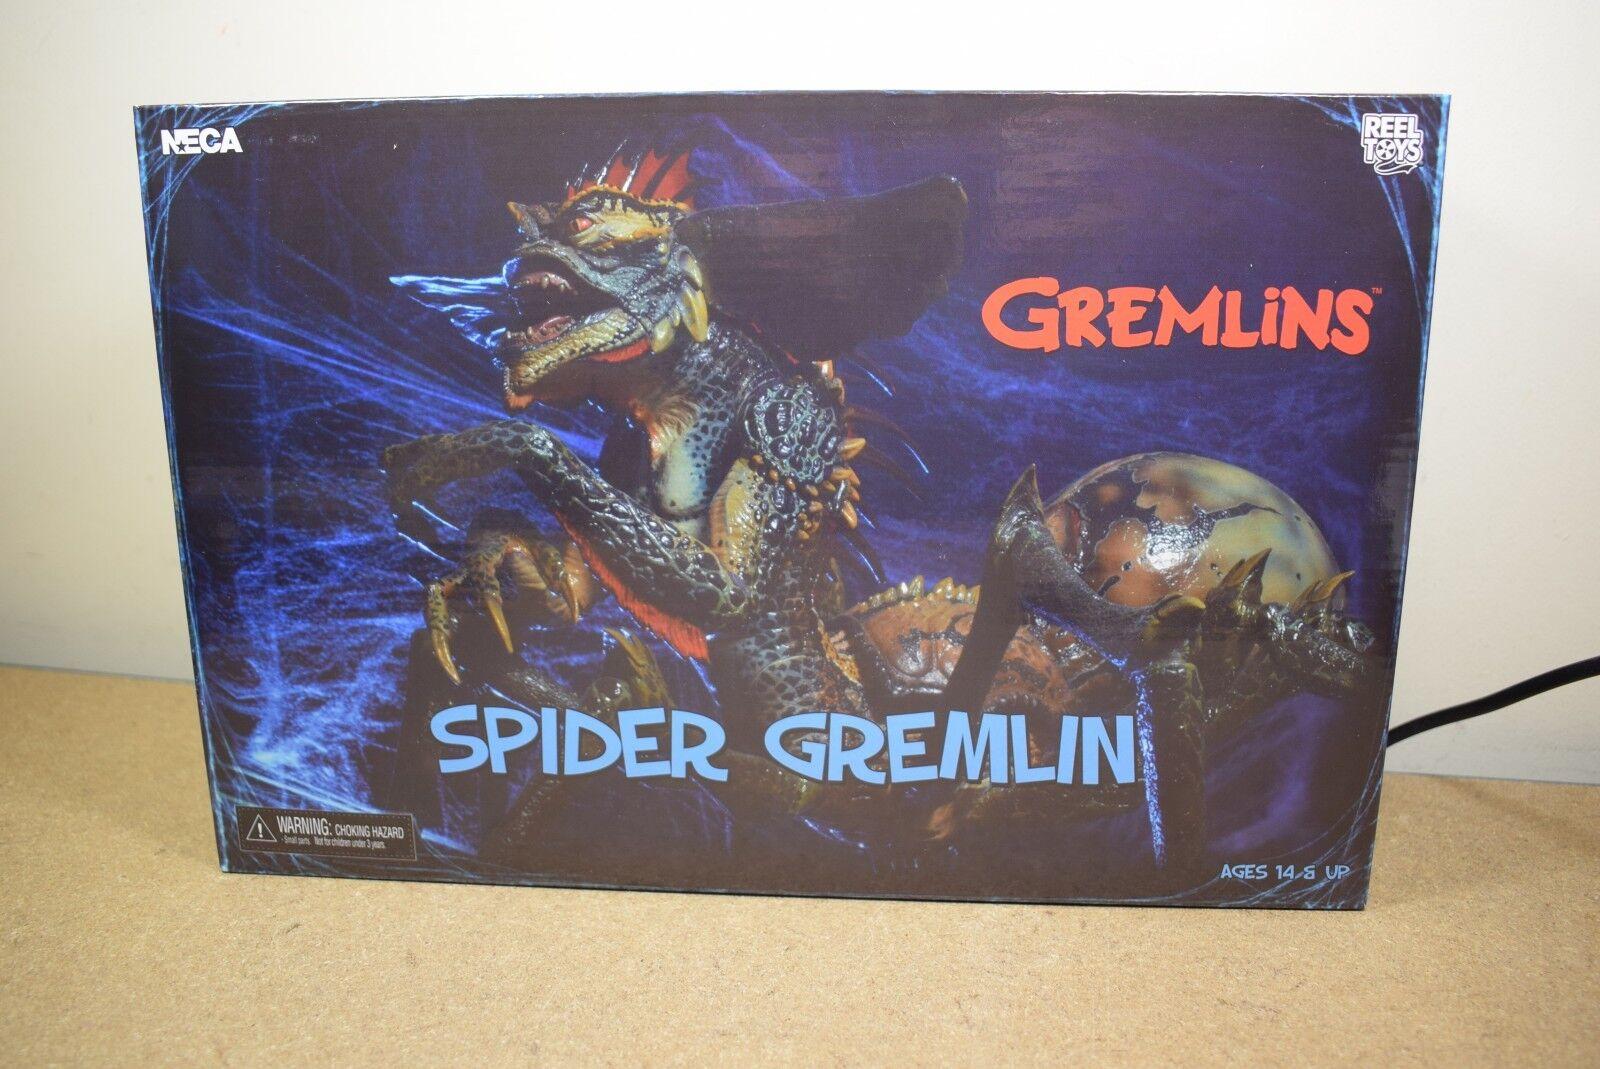 Echte neca gremlins spider gremlin 10  deluxe - actionfigur mogwai bnib